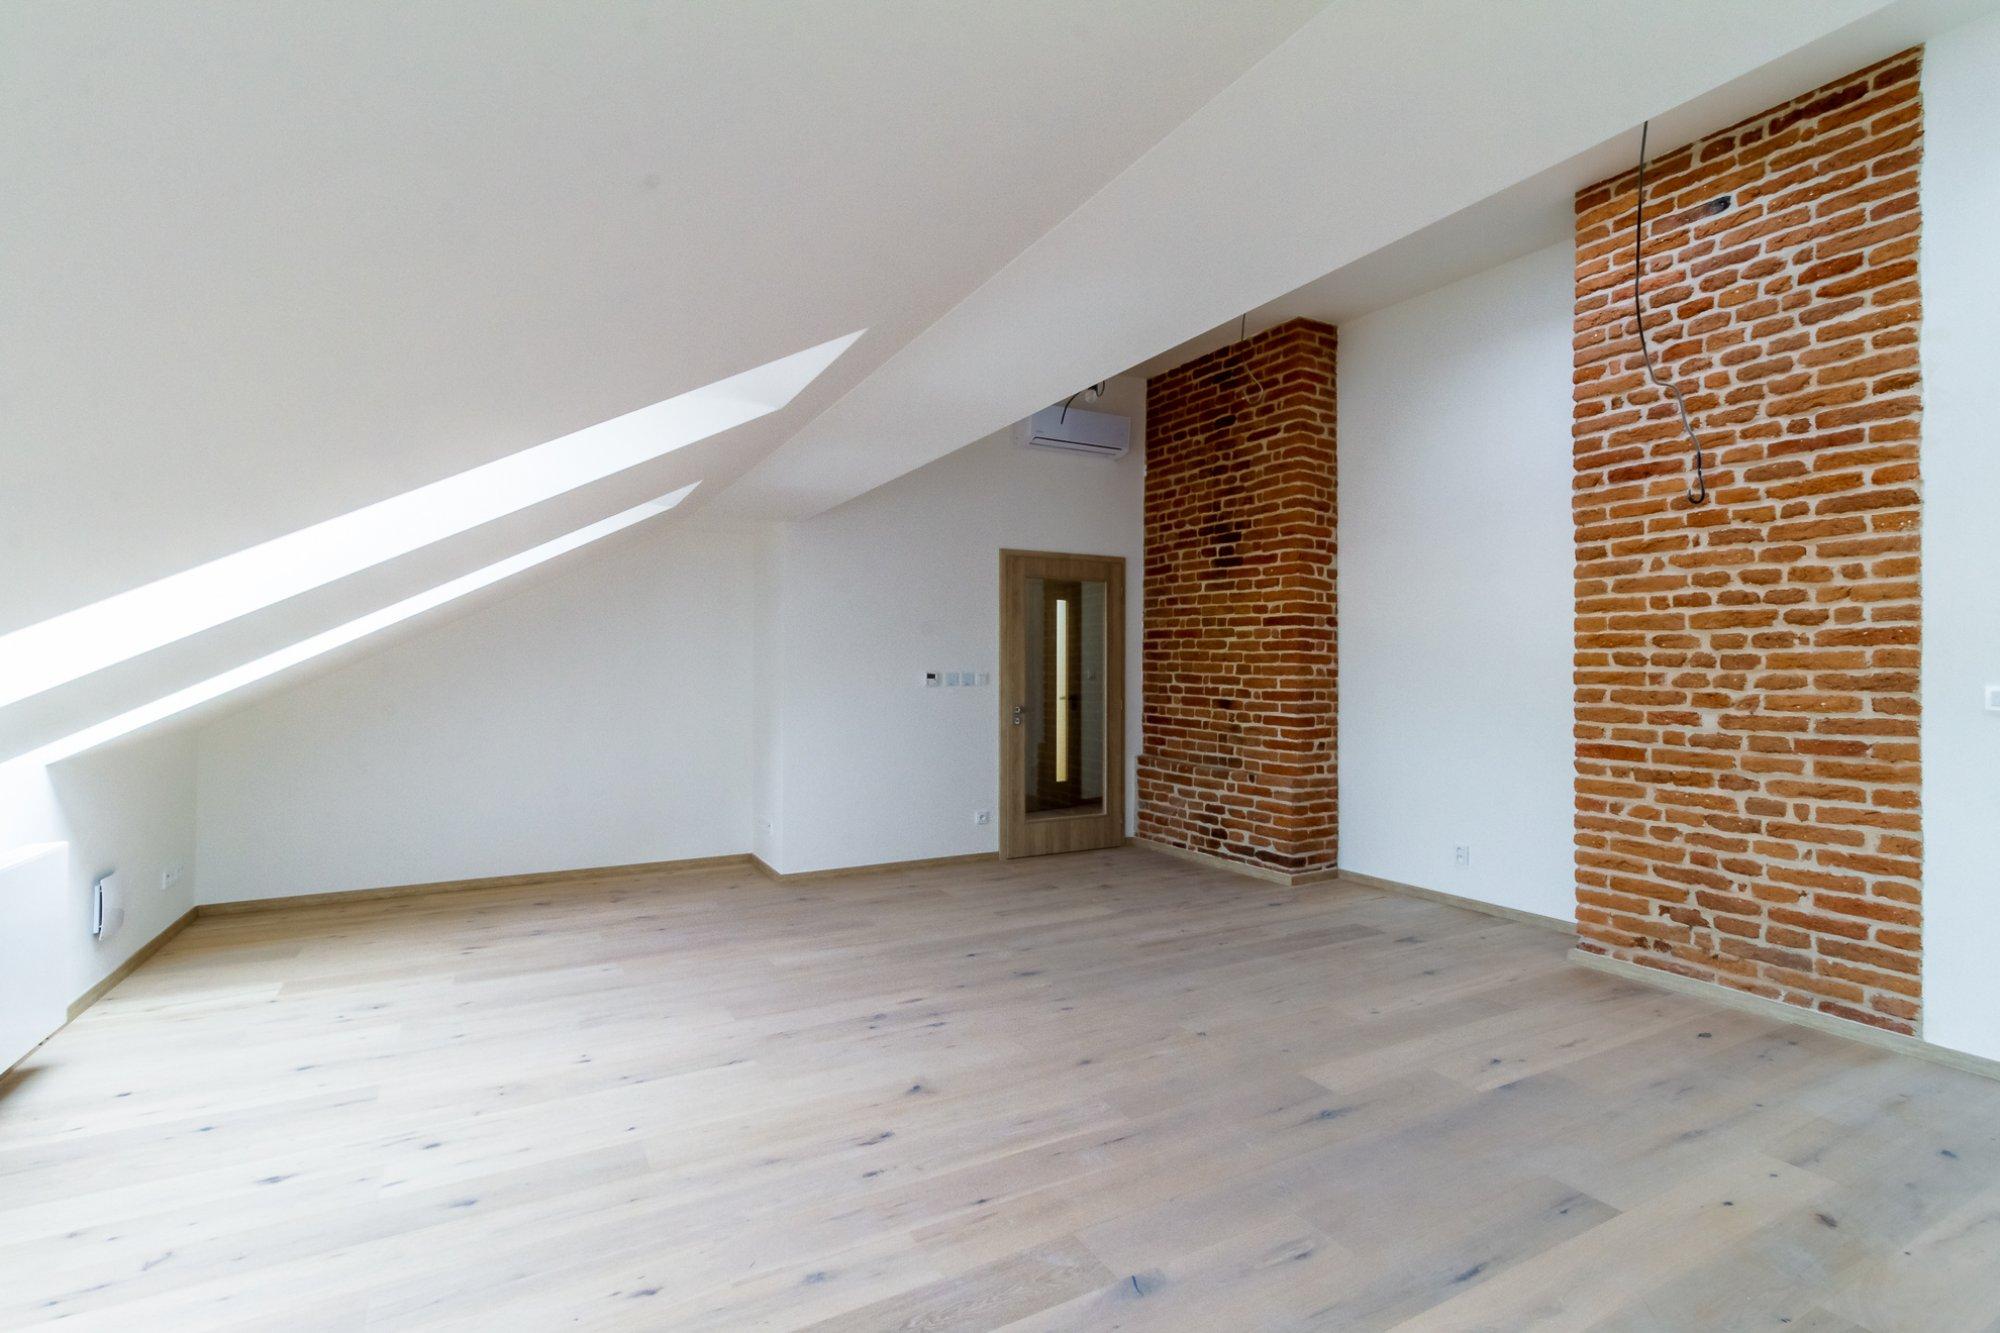 Půdní byt 4+kk, plocha 97 m², ulice Štefánikova, Praha 5 - Smíchov | 3